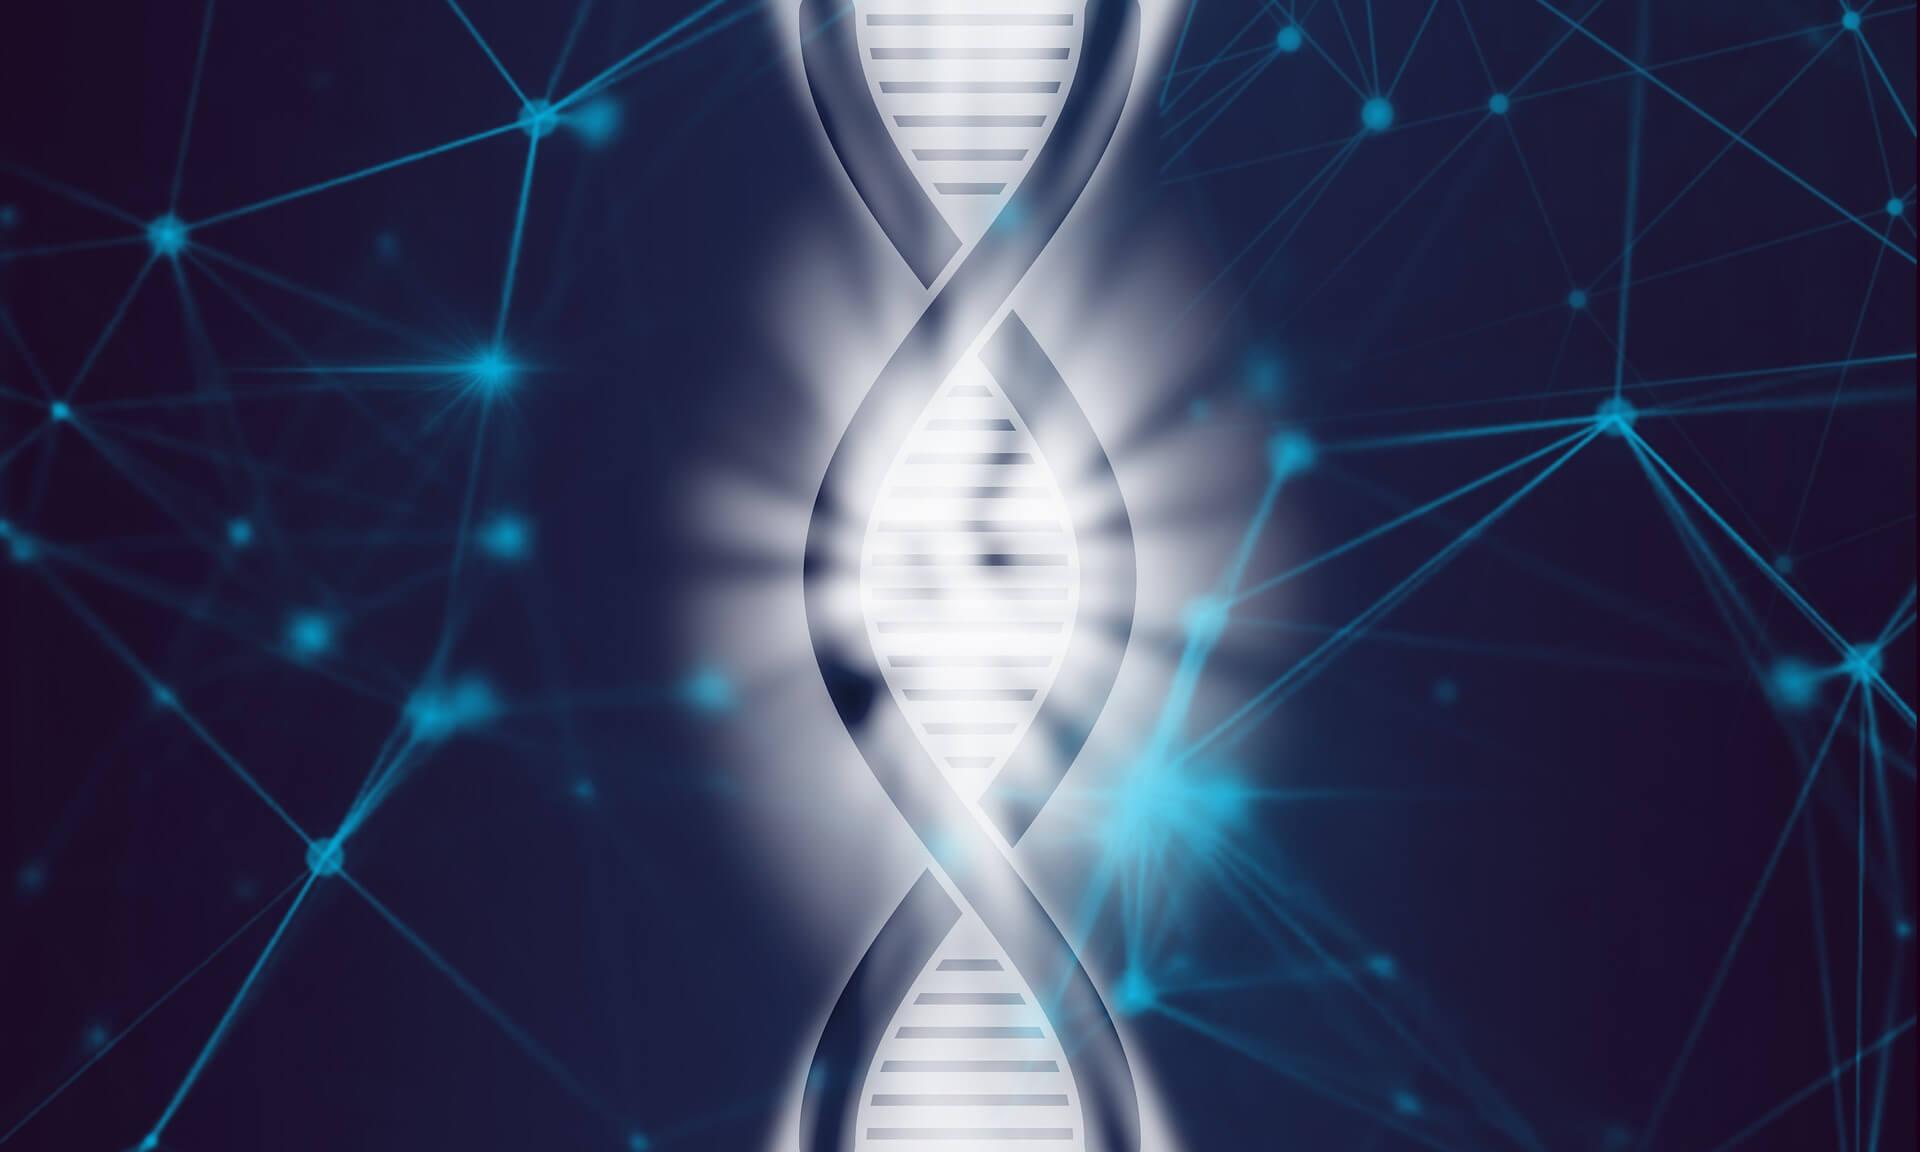 Erfahrungen verändern unsere Gene